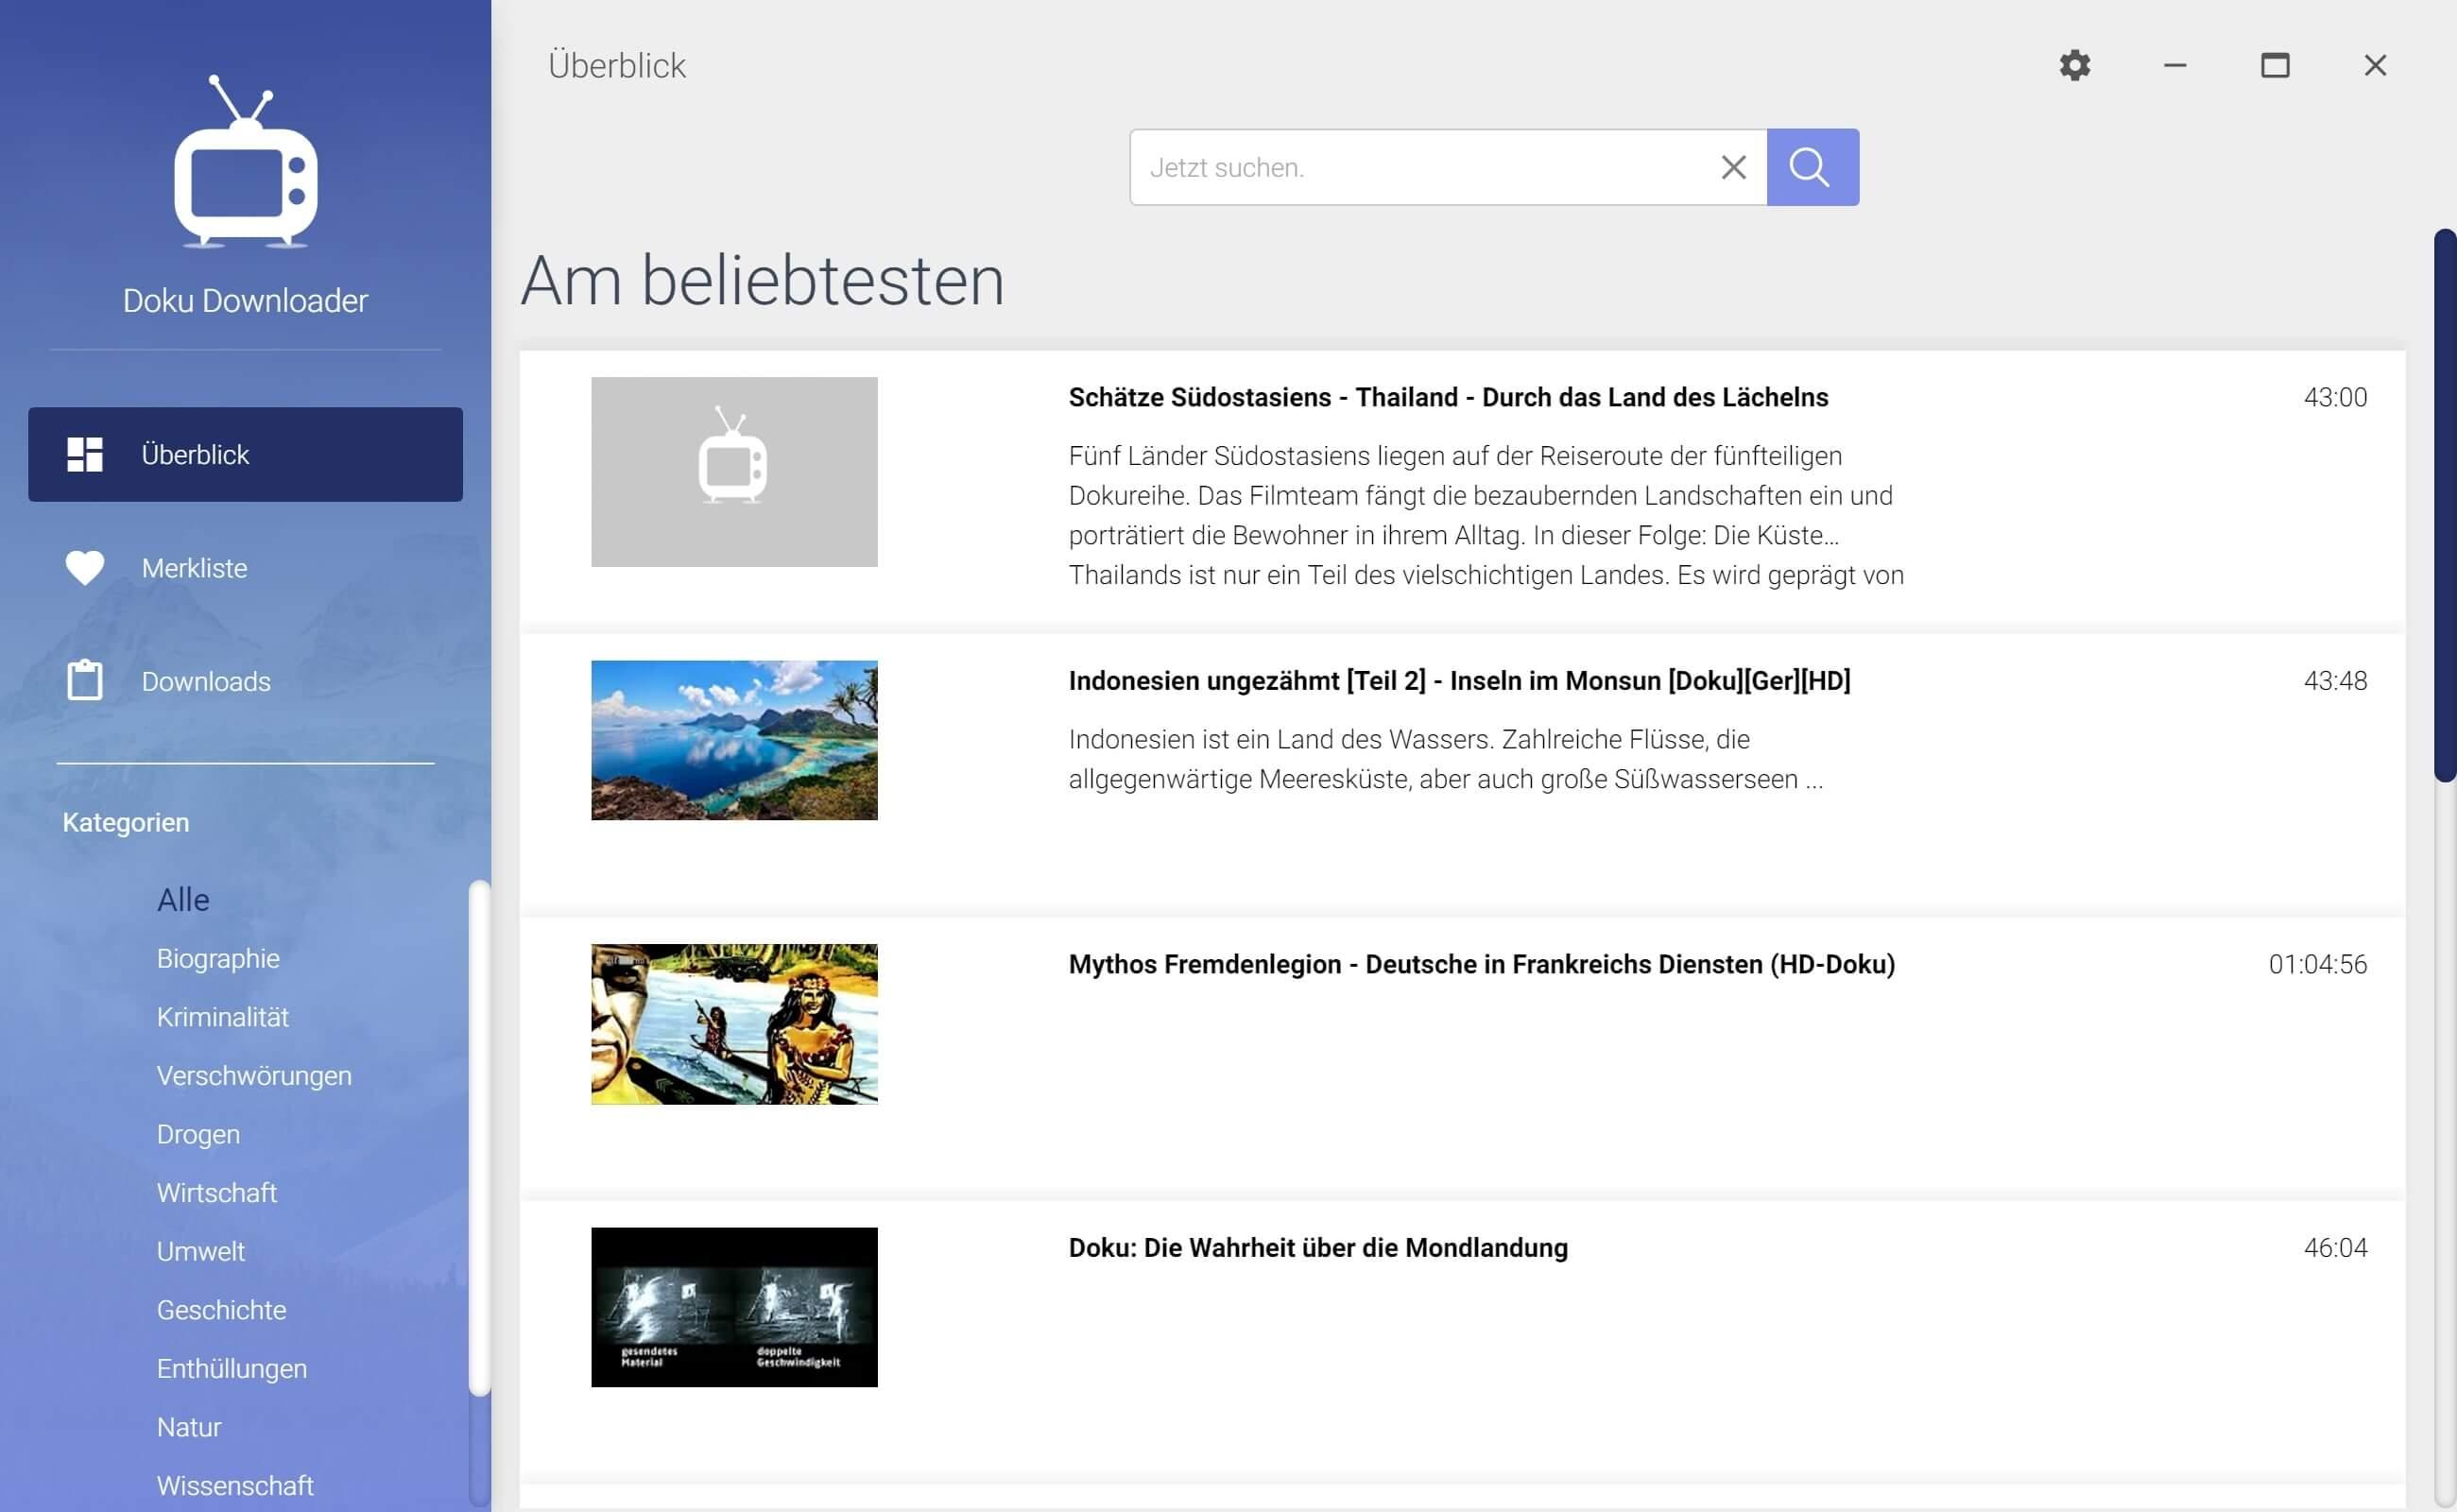 ARD Dokumentation aus Mediathek herunterladen - Start